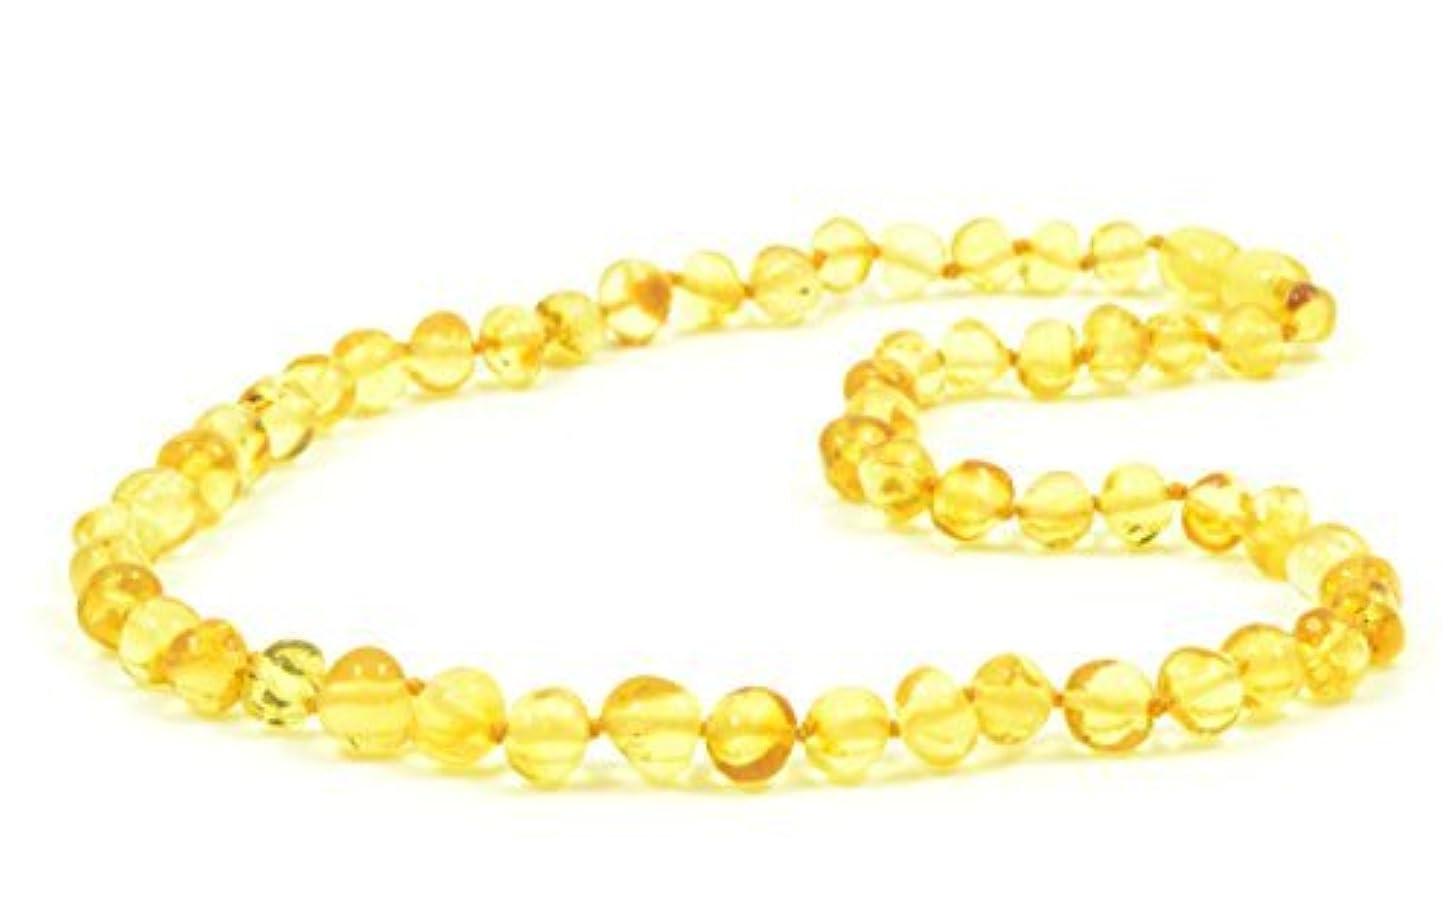 Baltic amberネックレス大人用 – 18 – 21.6インチ – amberjewelry – MadeからAuthentic Baltic Amberビーズ – レモン色 21.6 inch